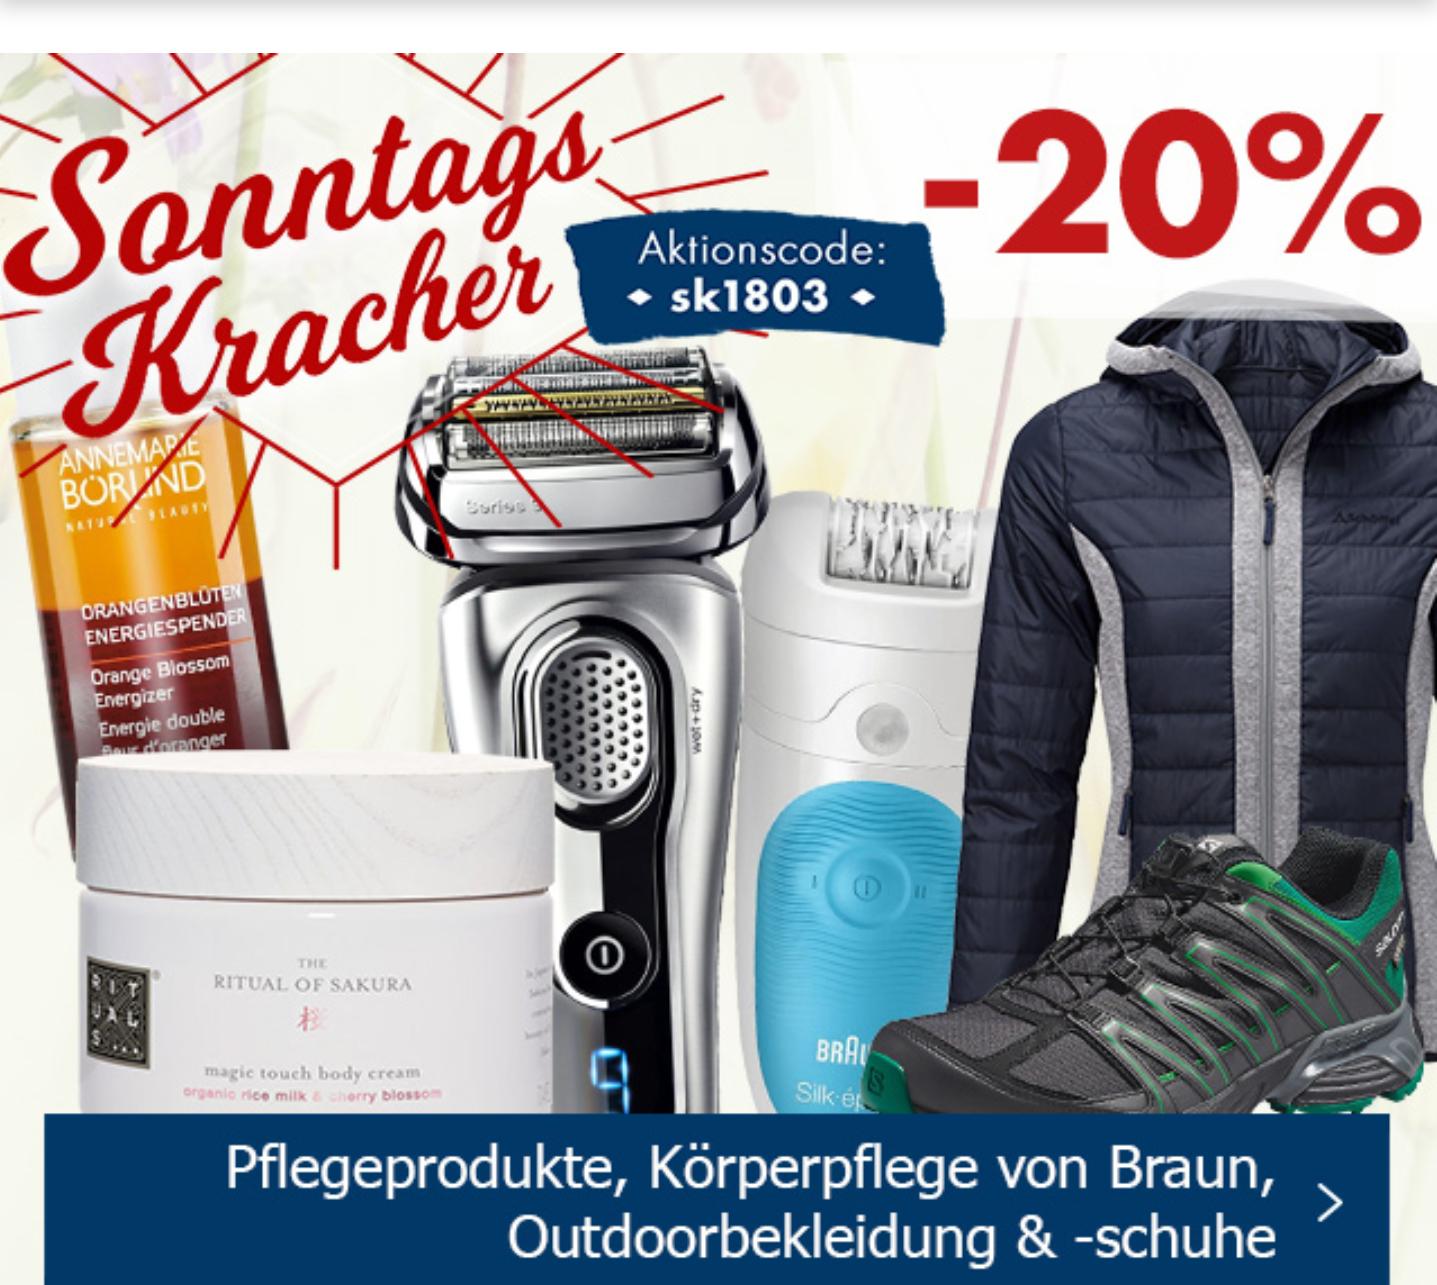 Karstadt: Heute 20% Rabatt auf Pflegeprodukte, Körperpflege von Braun, Outdoorbekleidung & -schuhe